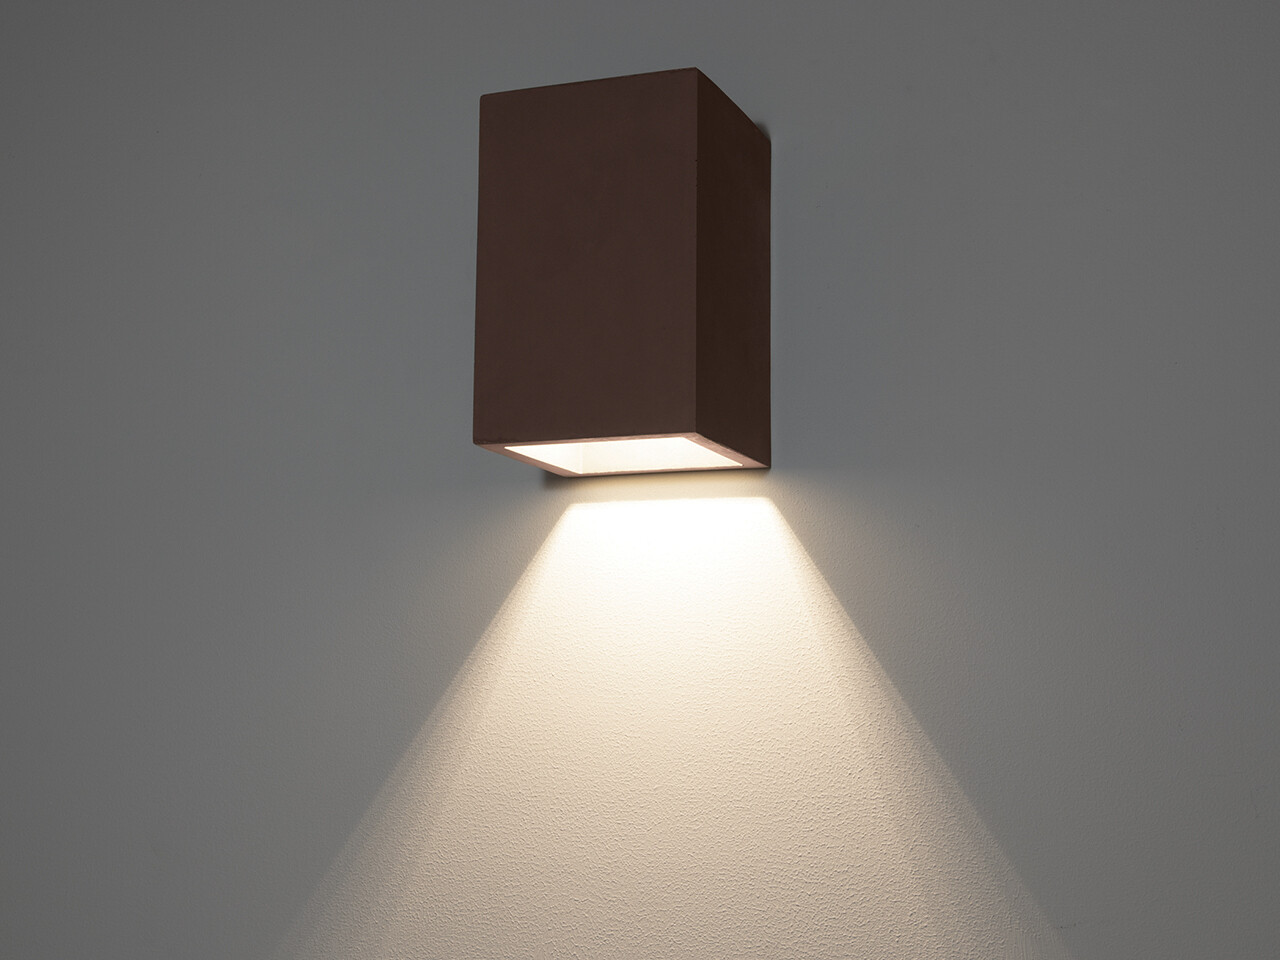 9010 Wandleuchte 1097 LED 10W, IP65, schwarz